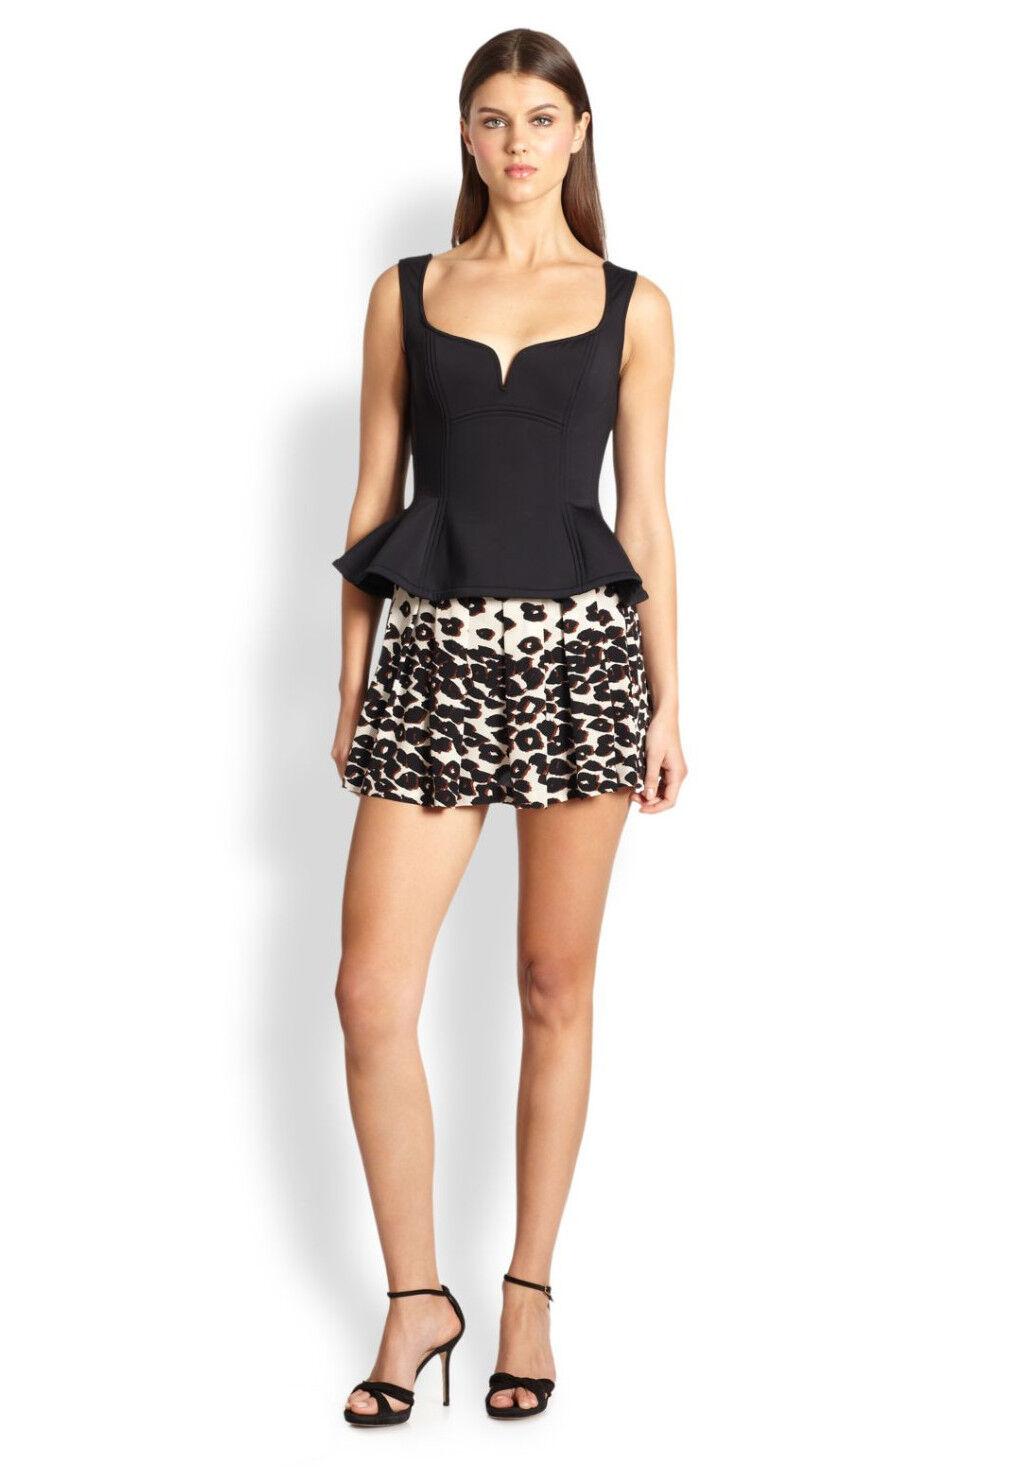 278 Nanette Lepore 'Amazon' Leopard Print Shorts Skirt Skort in Ivory, Size 2